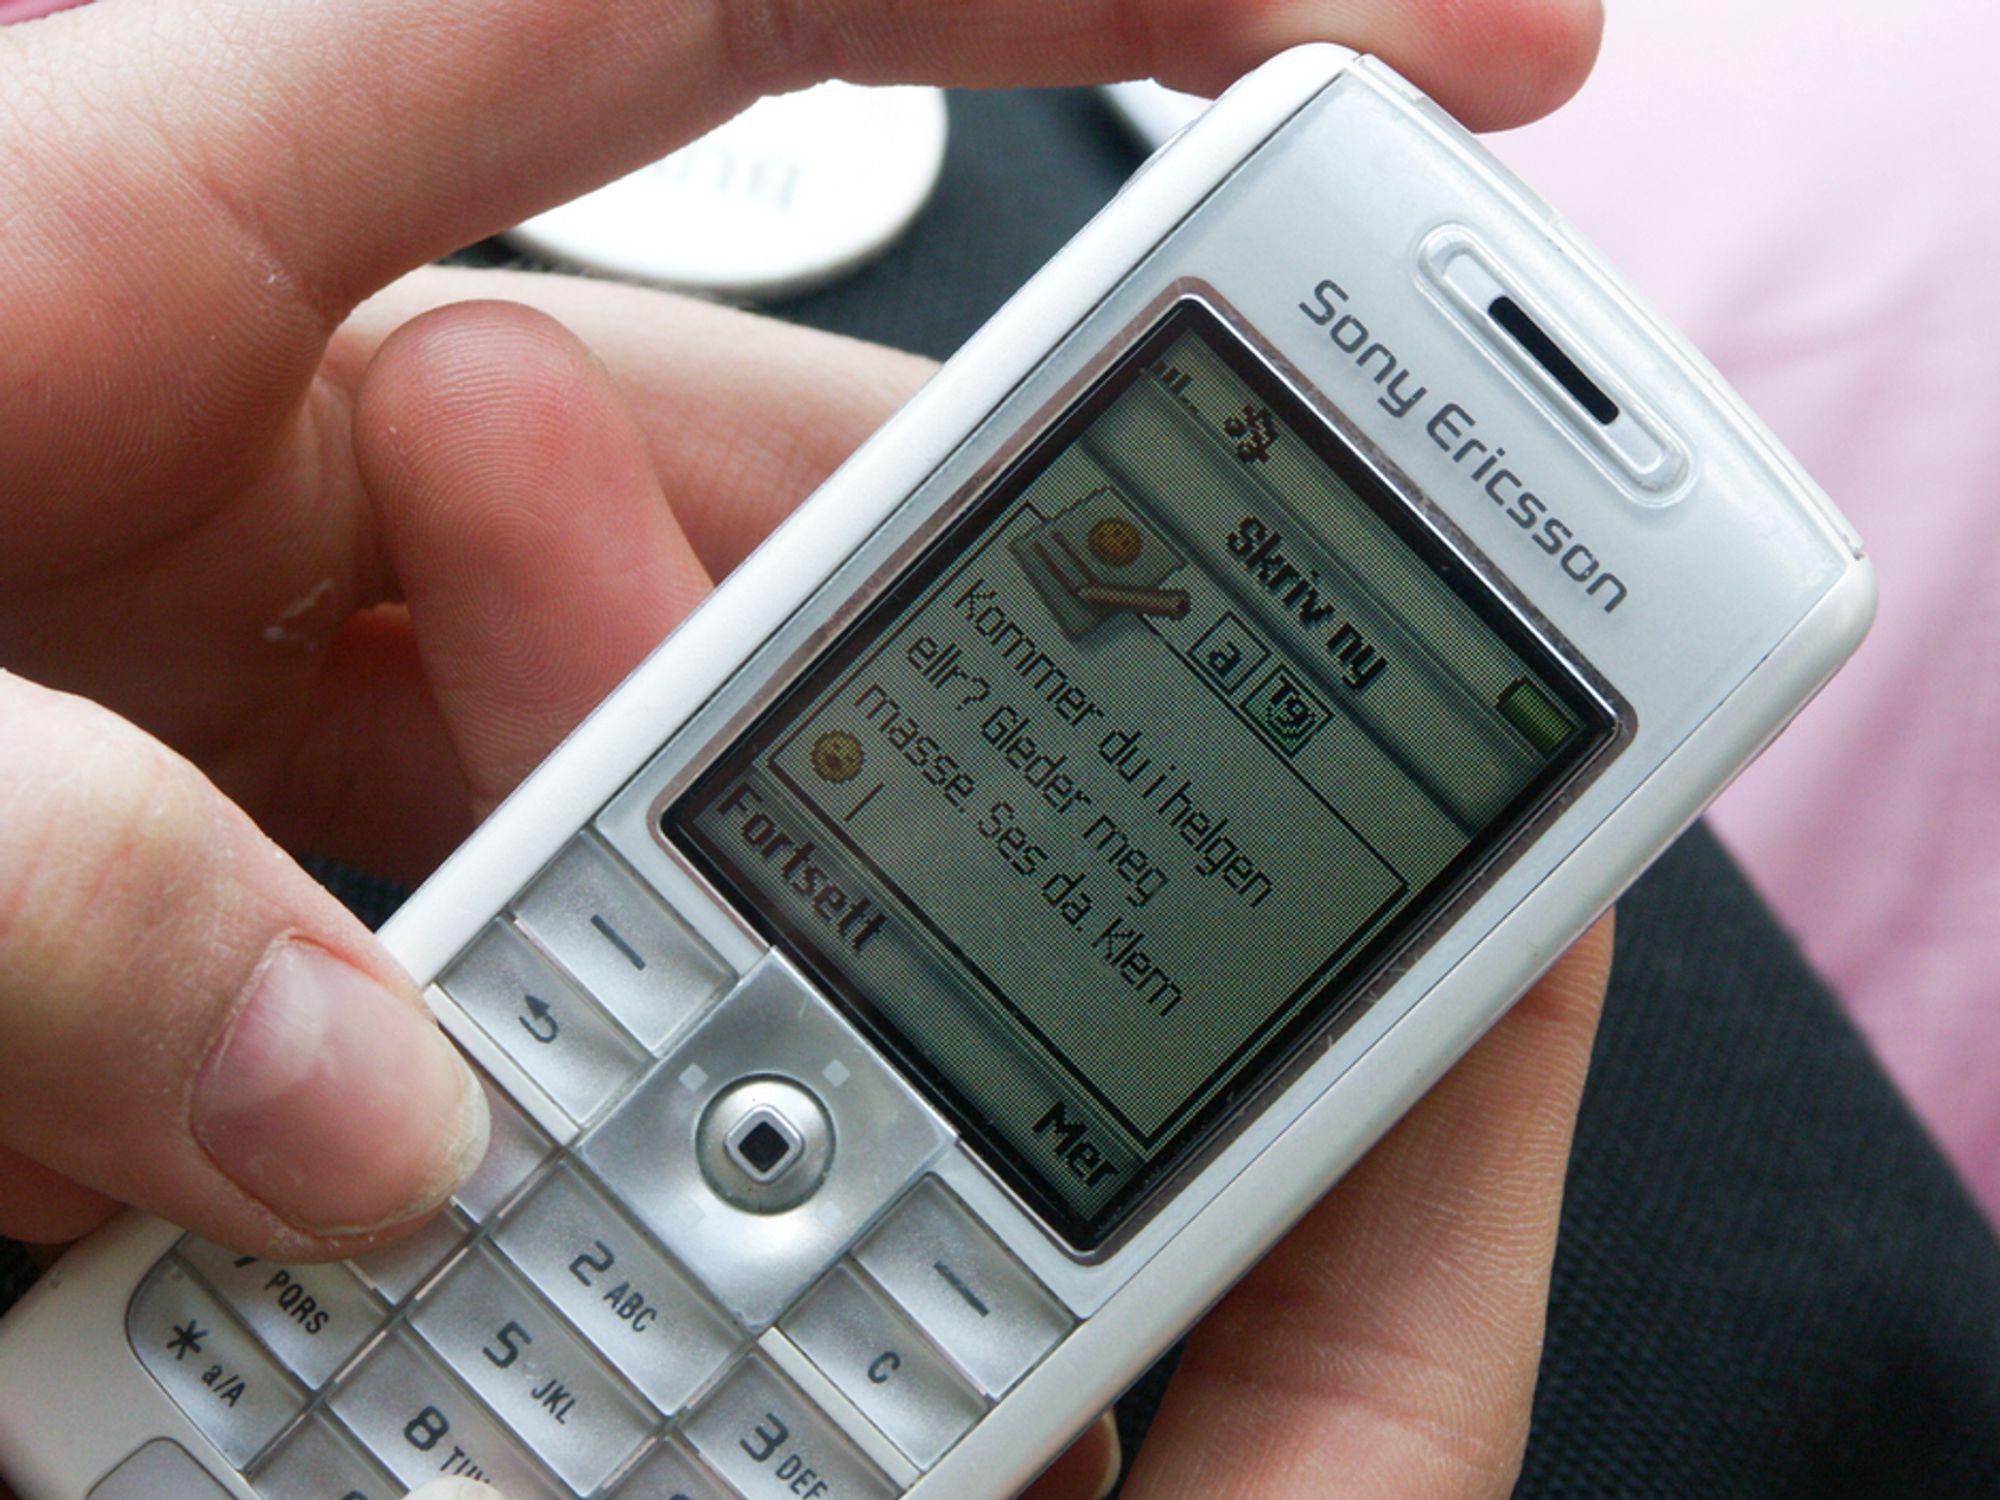 Flørte signaler sms kvinne